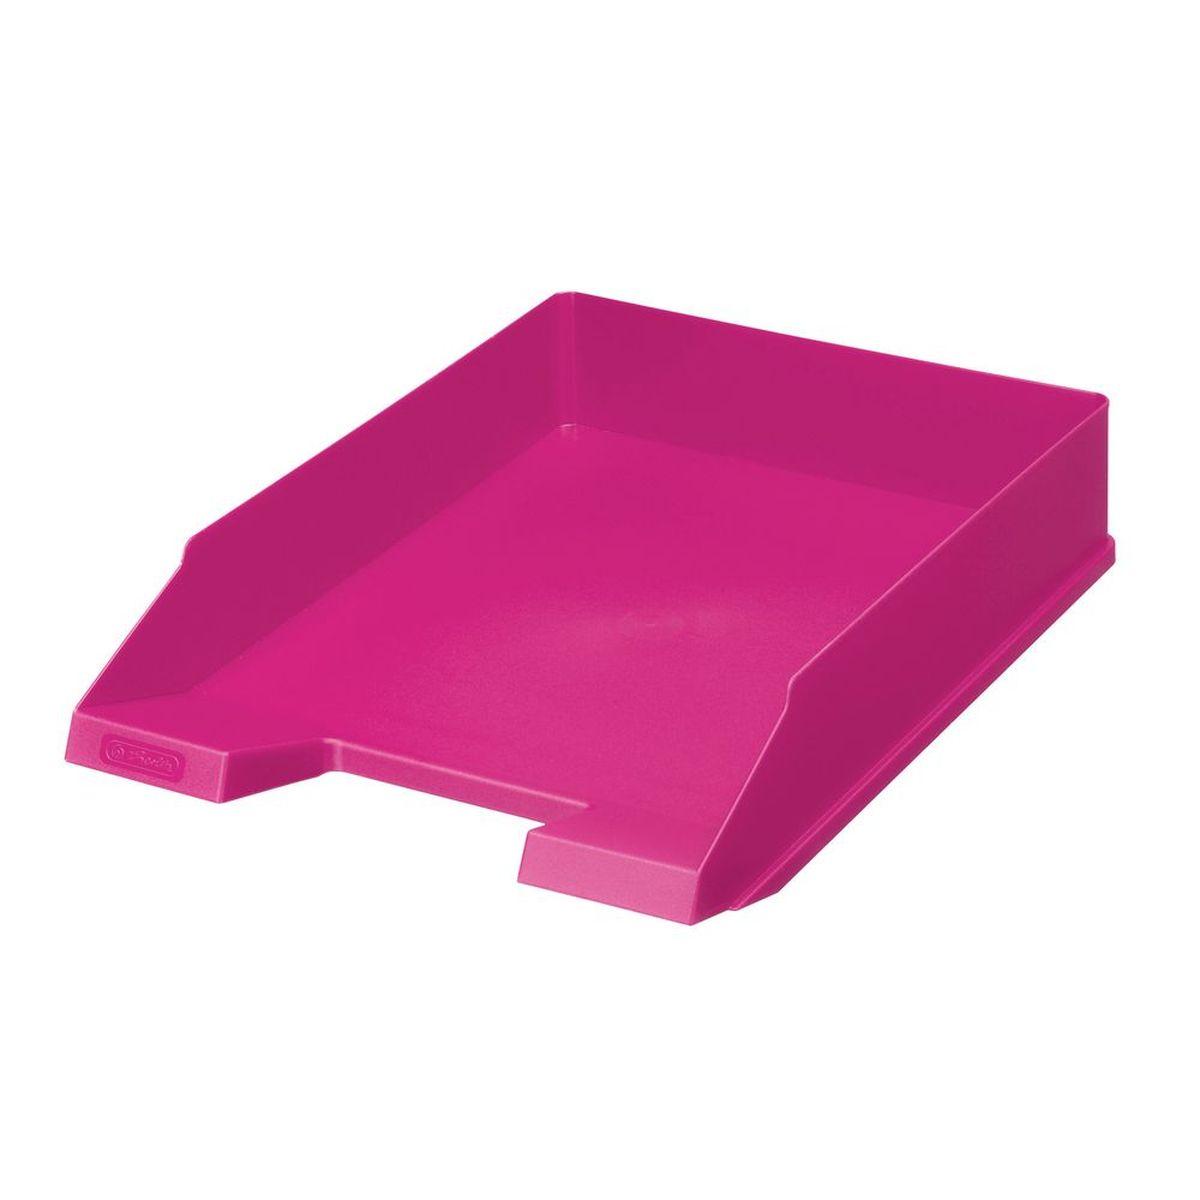 Herlitz Лоток для бумаг Colour Blocking цвет розовый11363595Практичный лоток для бумаг Herlitz Colour Blocking всегда поможет вам избавиться от лишних документов и содержать порядок на рабочем столе. Лоток изготовлен из пластика и находится всегда в горизонтальном положении, тем самым обеспечивая удобное хранение бумаг и документов. Он значительно облегчает делопроизводство. Яркий дизайн сделает его достойным аксессуаром среди ваших канцелярских принадлежностей и подарит вам хорошее настроение.Формат A4